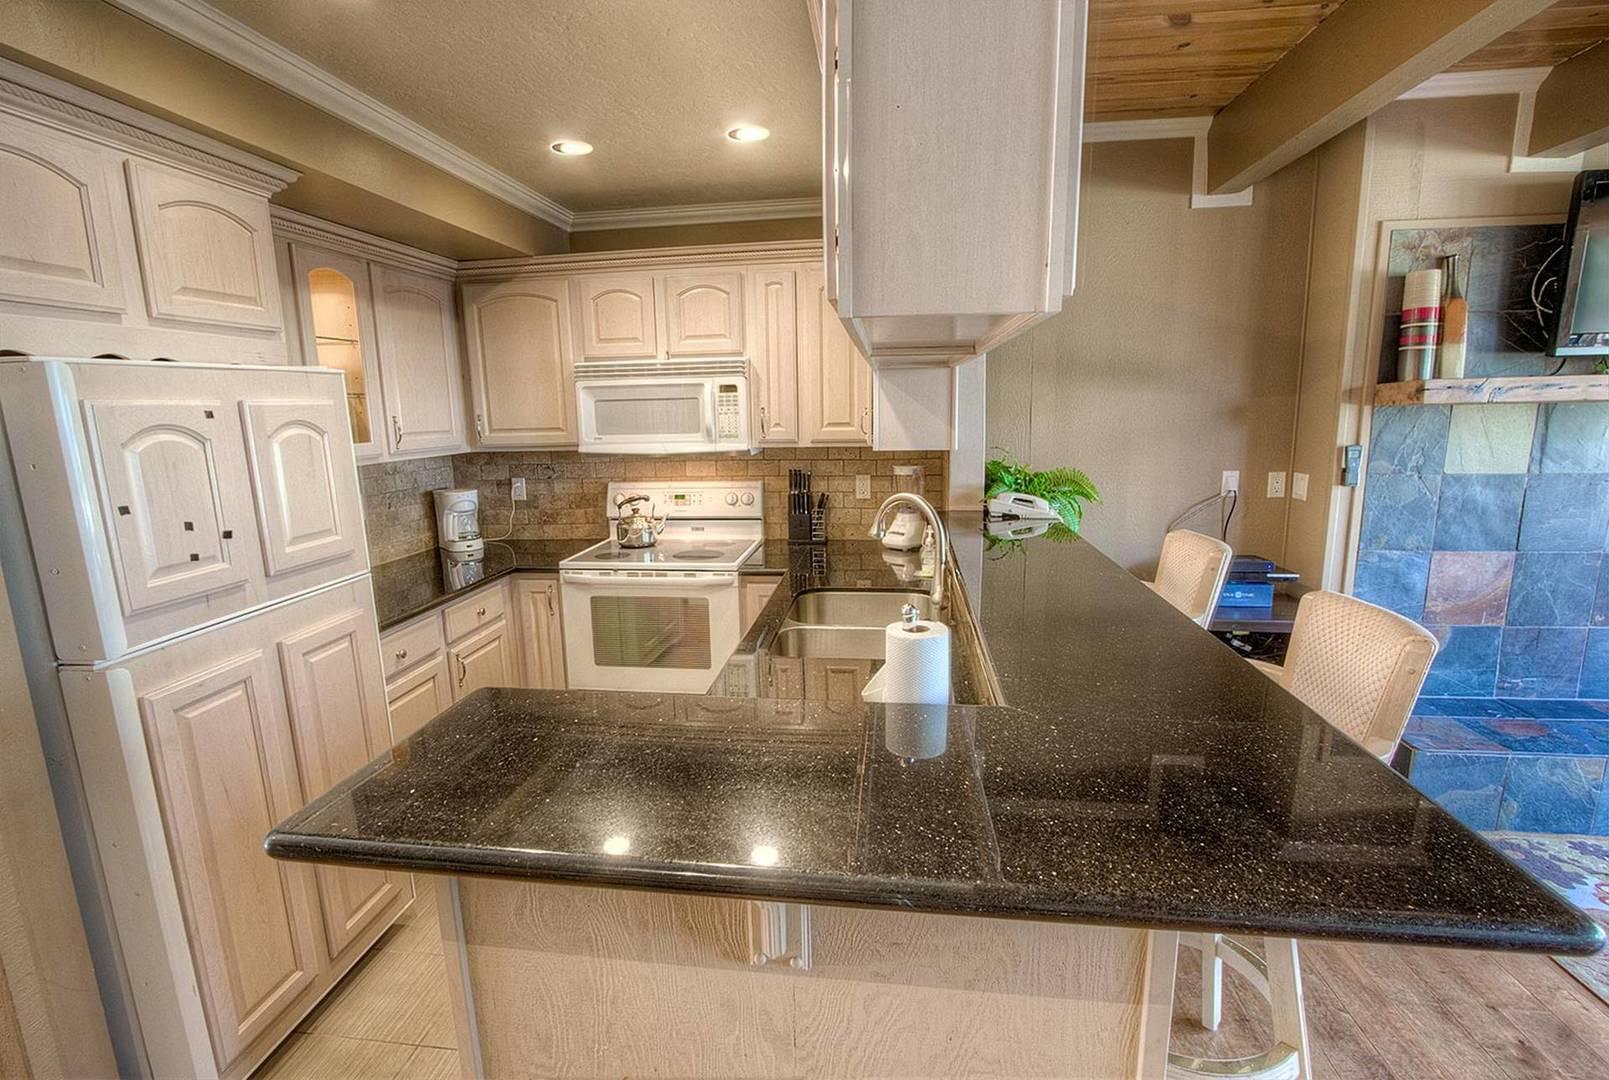 tkc0857 kitchen